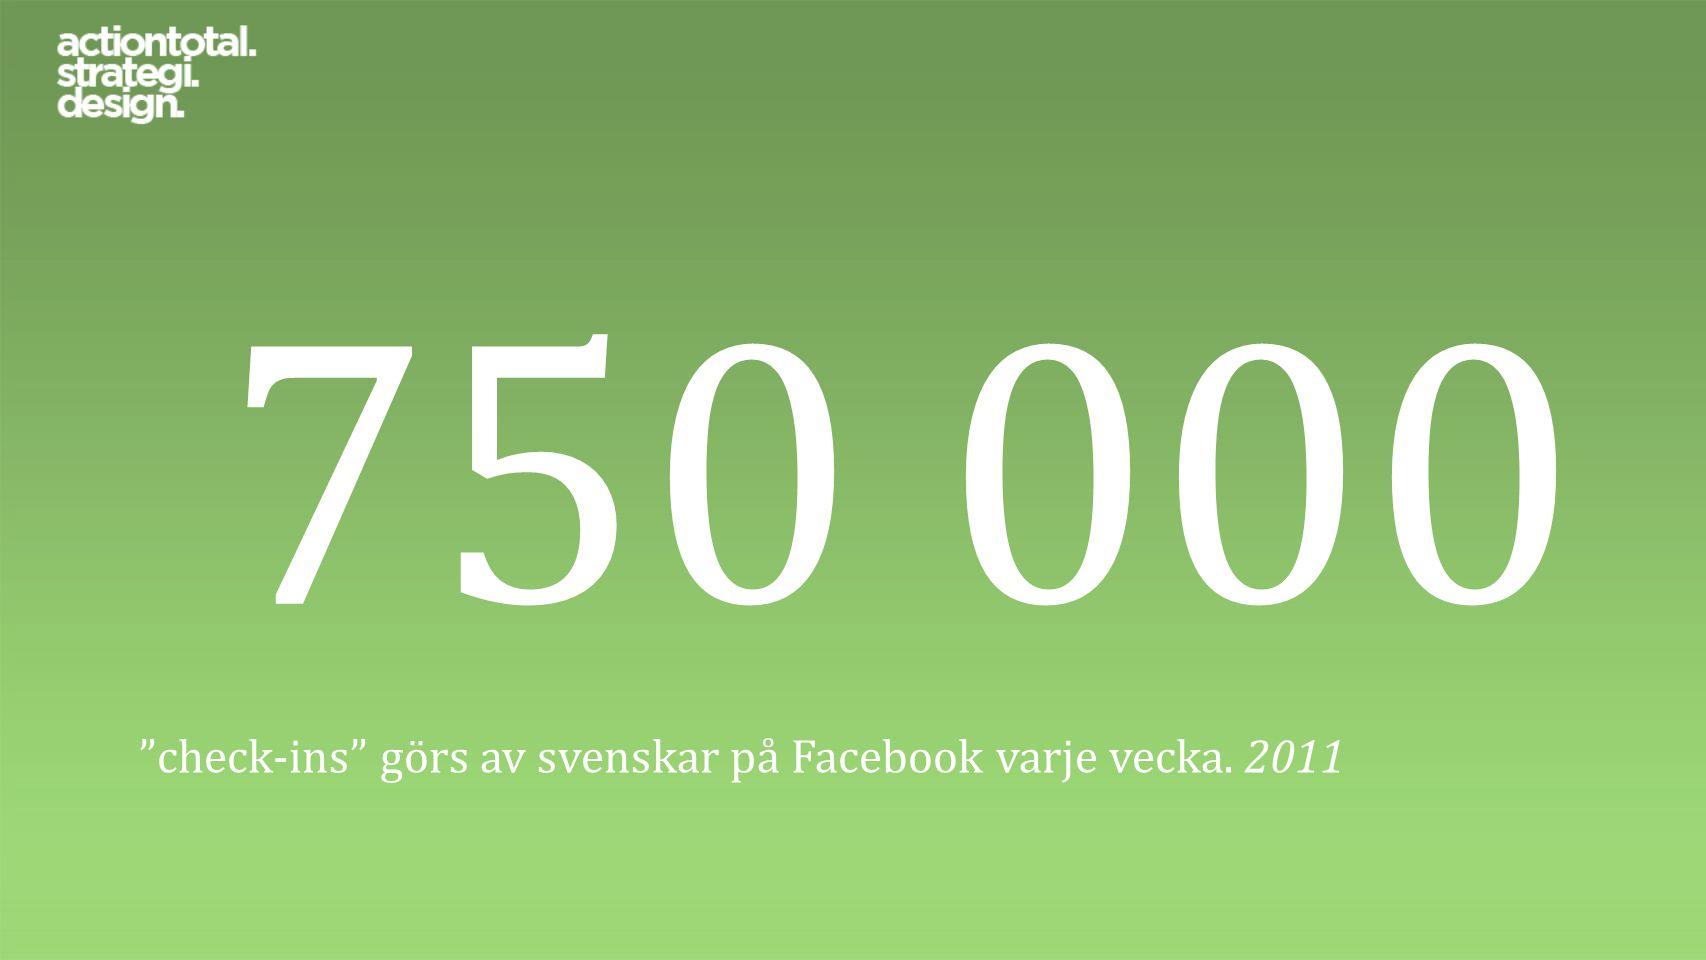 """750 000 """"check-ins"""" görs av svenskar på Facebook varje vecka. 2011"""